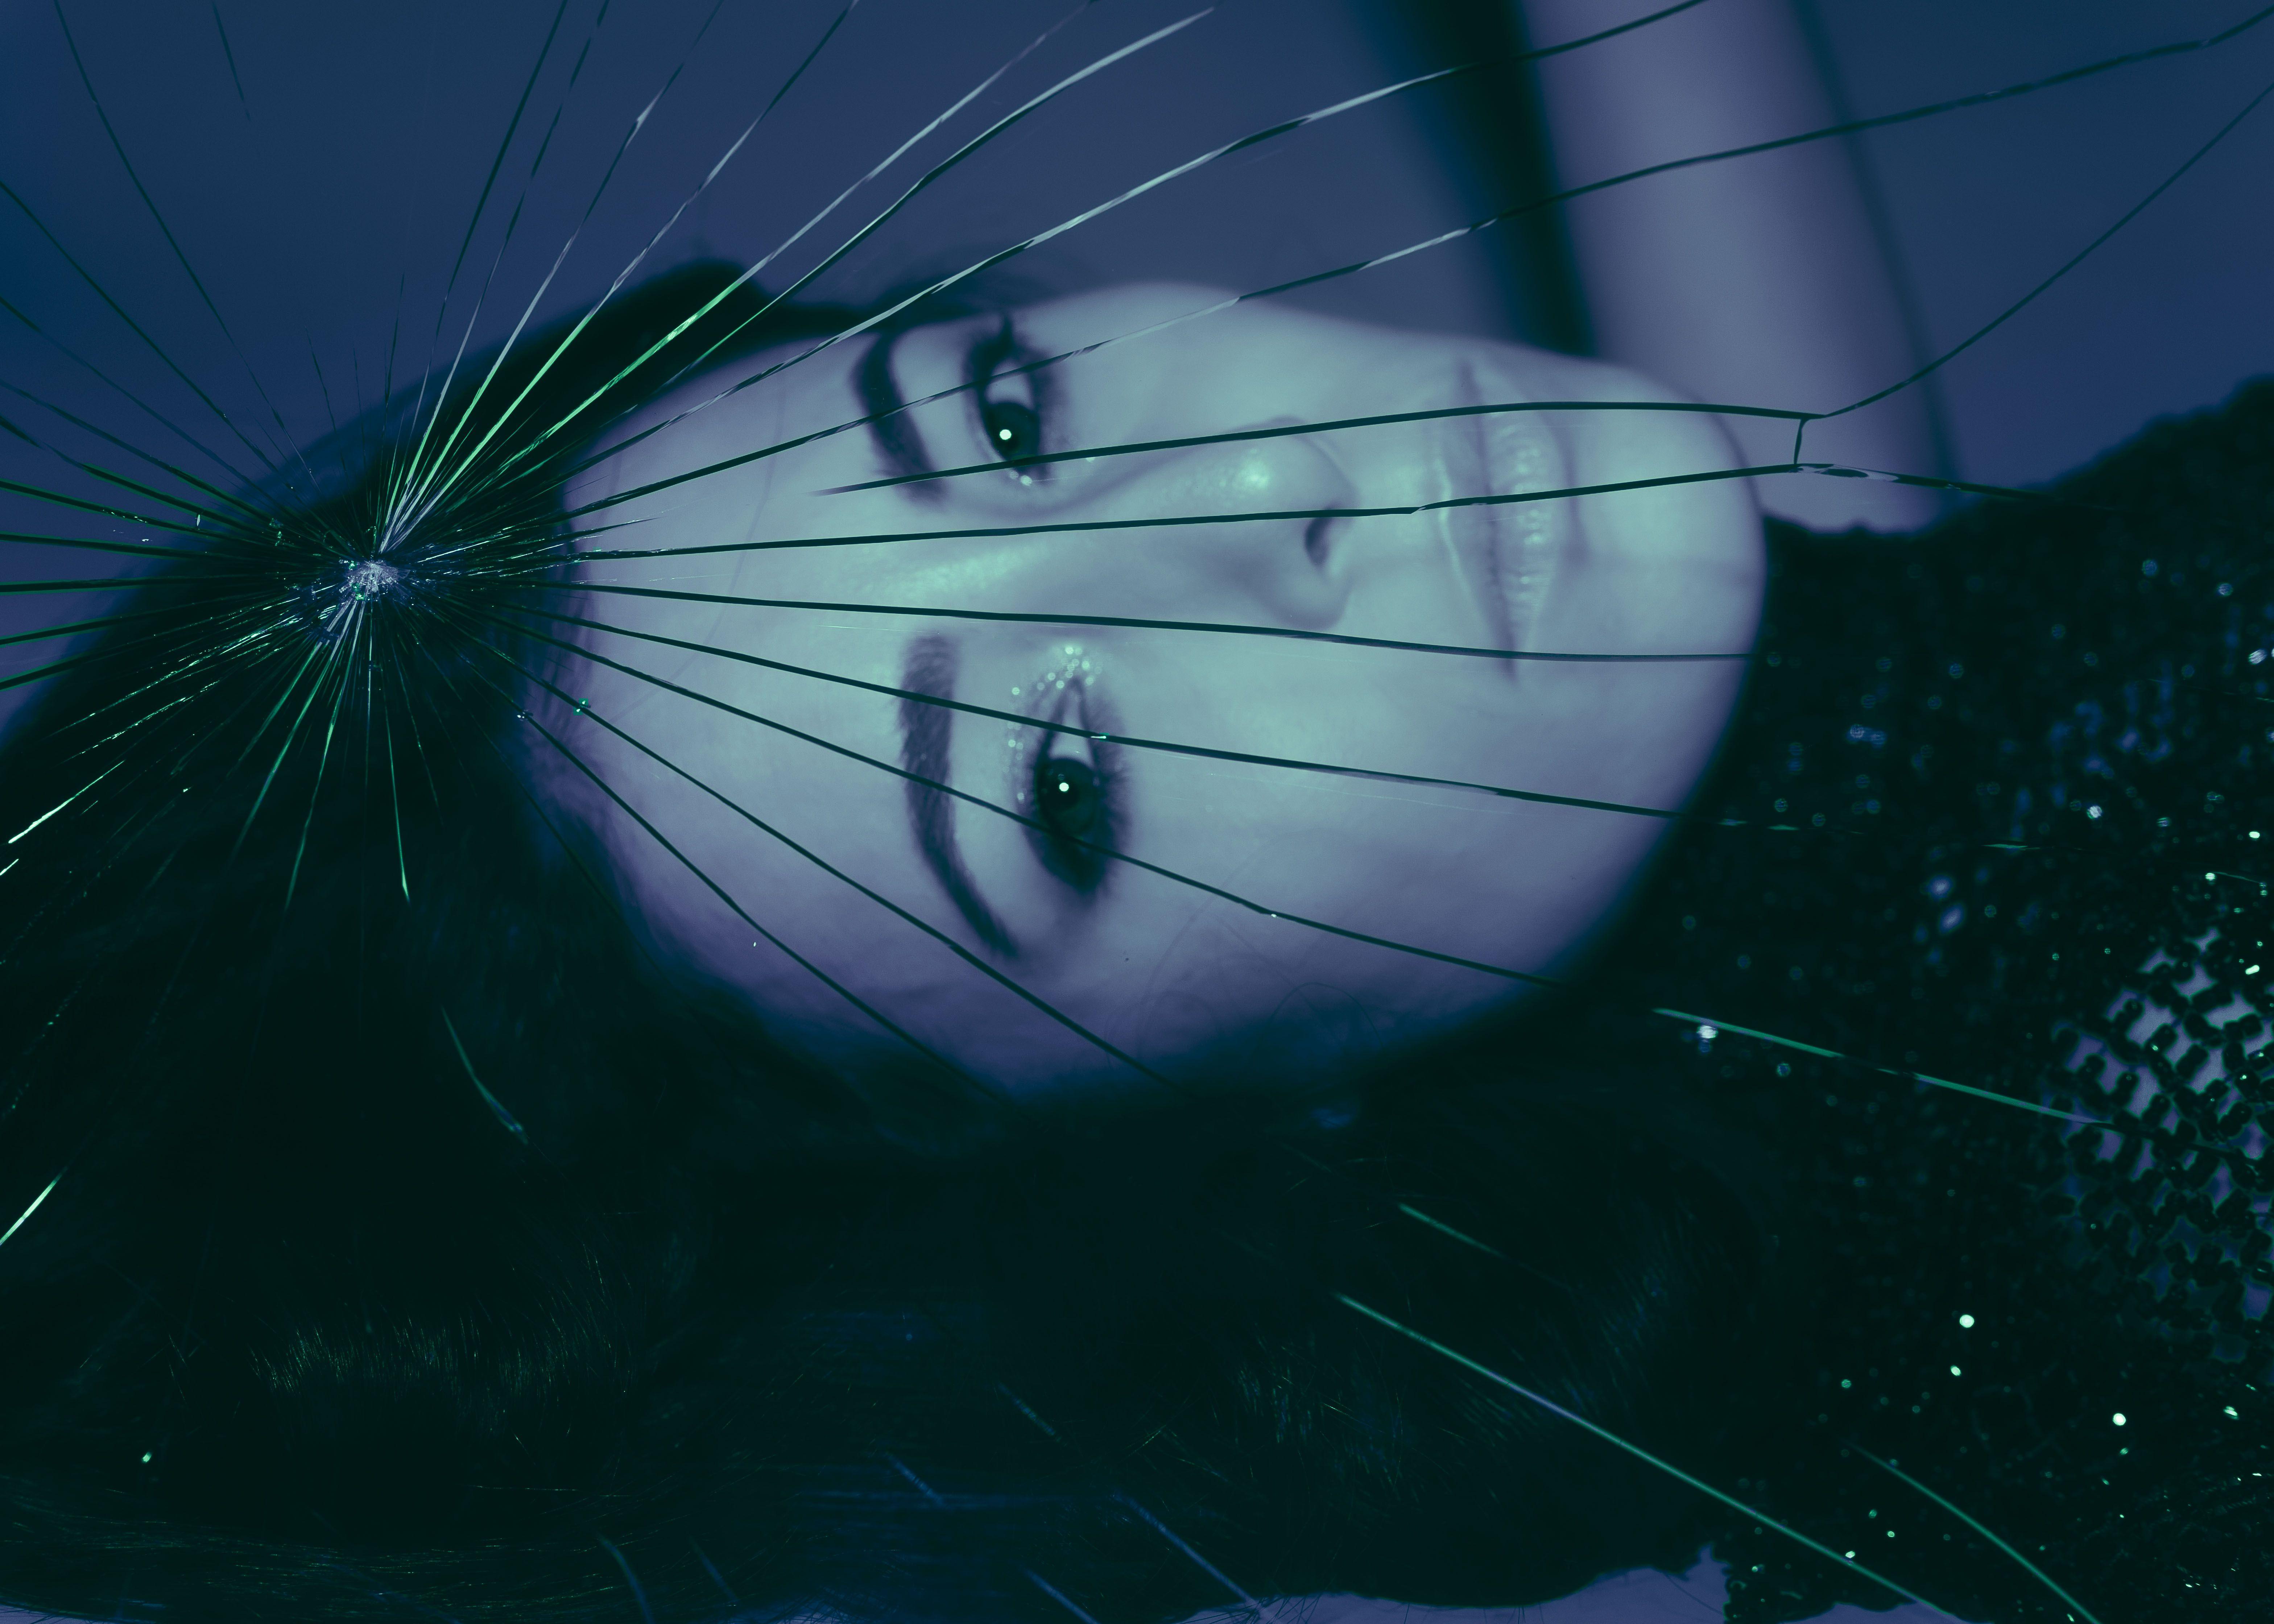 Pin by Gia Bartolozzi on makeup | Makeup, Fantasy makeup